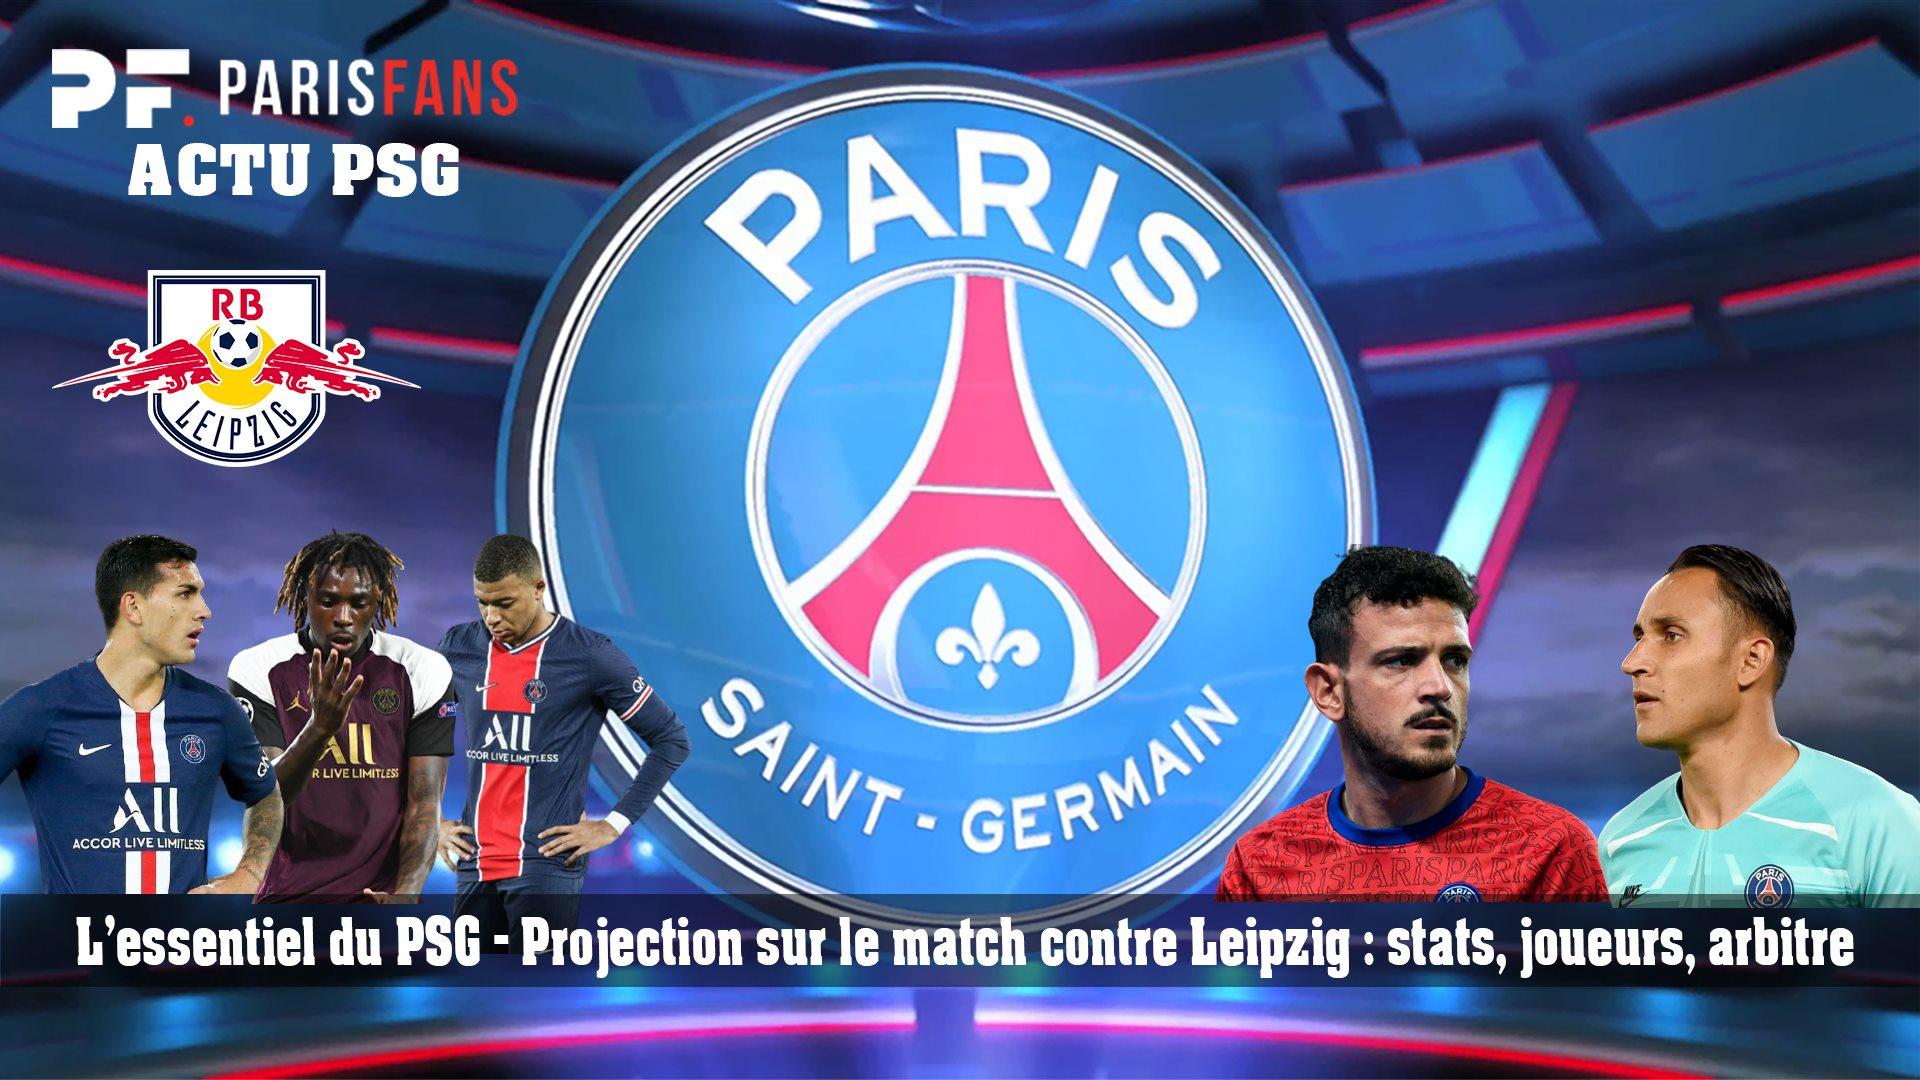 L'essentiel du PSG - Projection sur le match contre Leipzig : stats, joueurs, arbitre